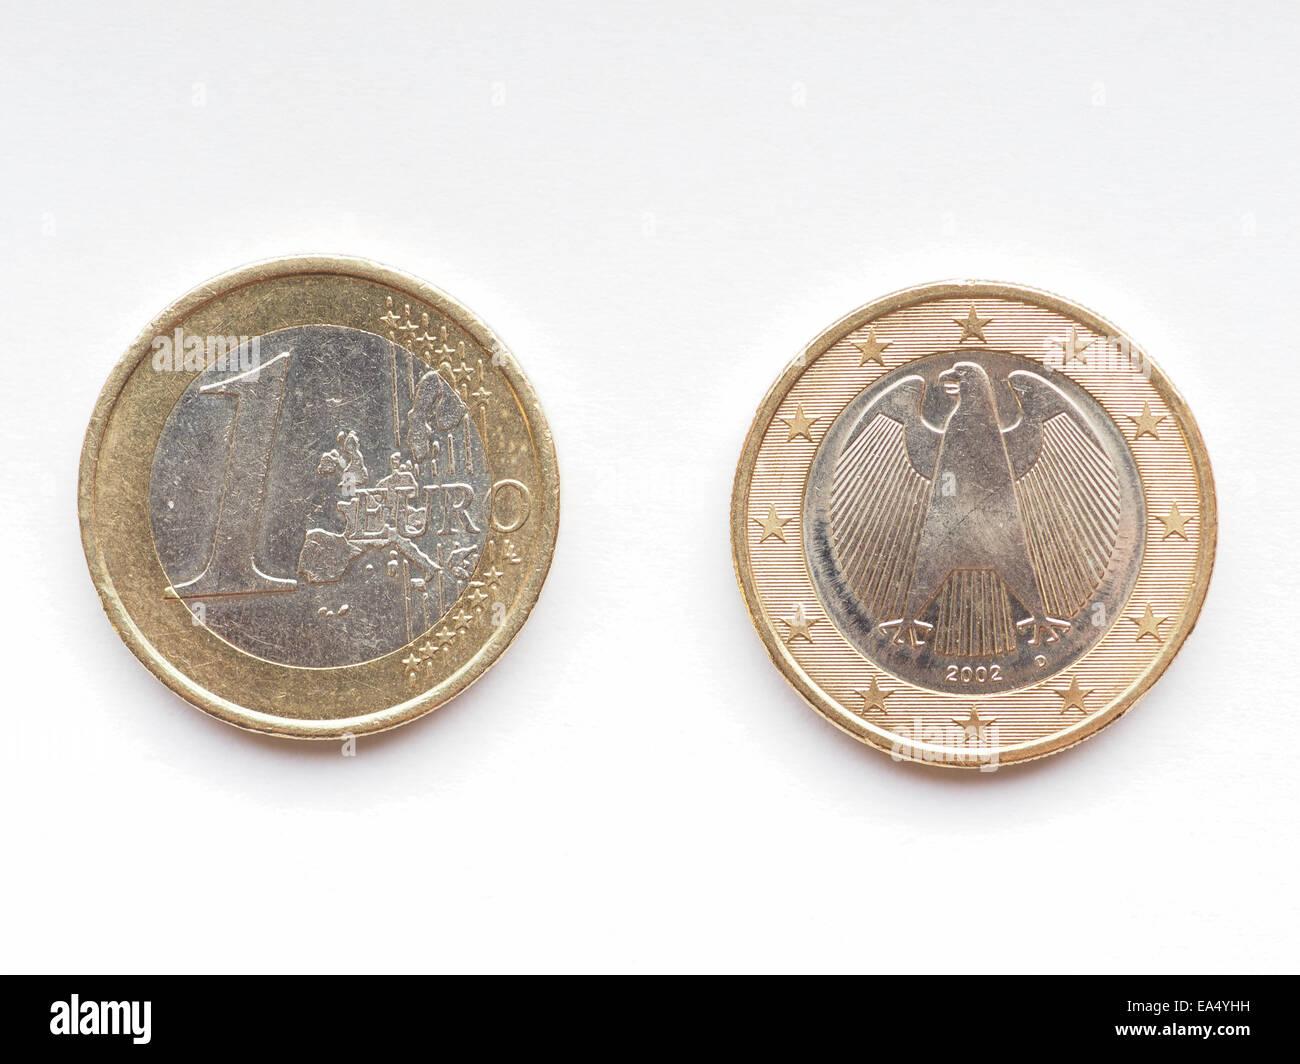 Deutsch Eine Euromünze Aus Deutschland Währung Der Europäischen